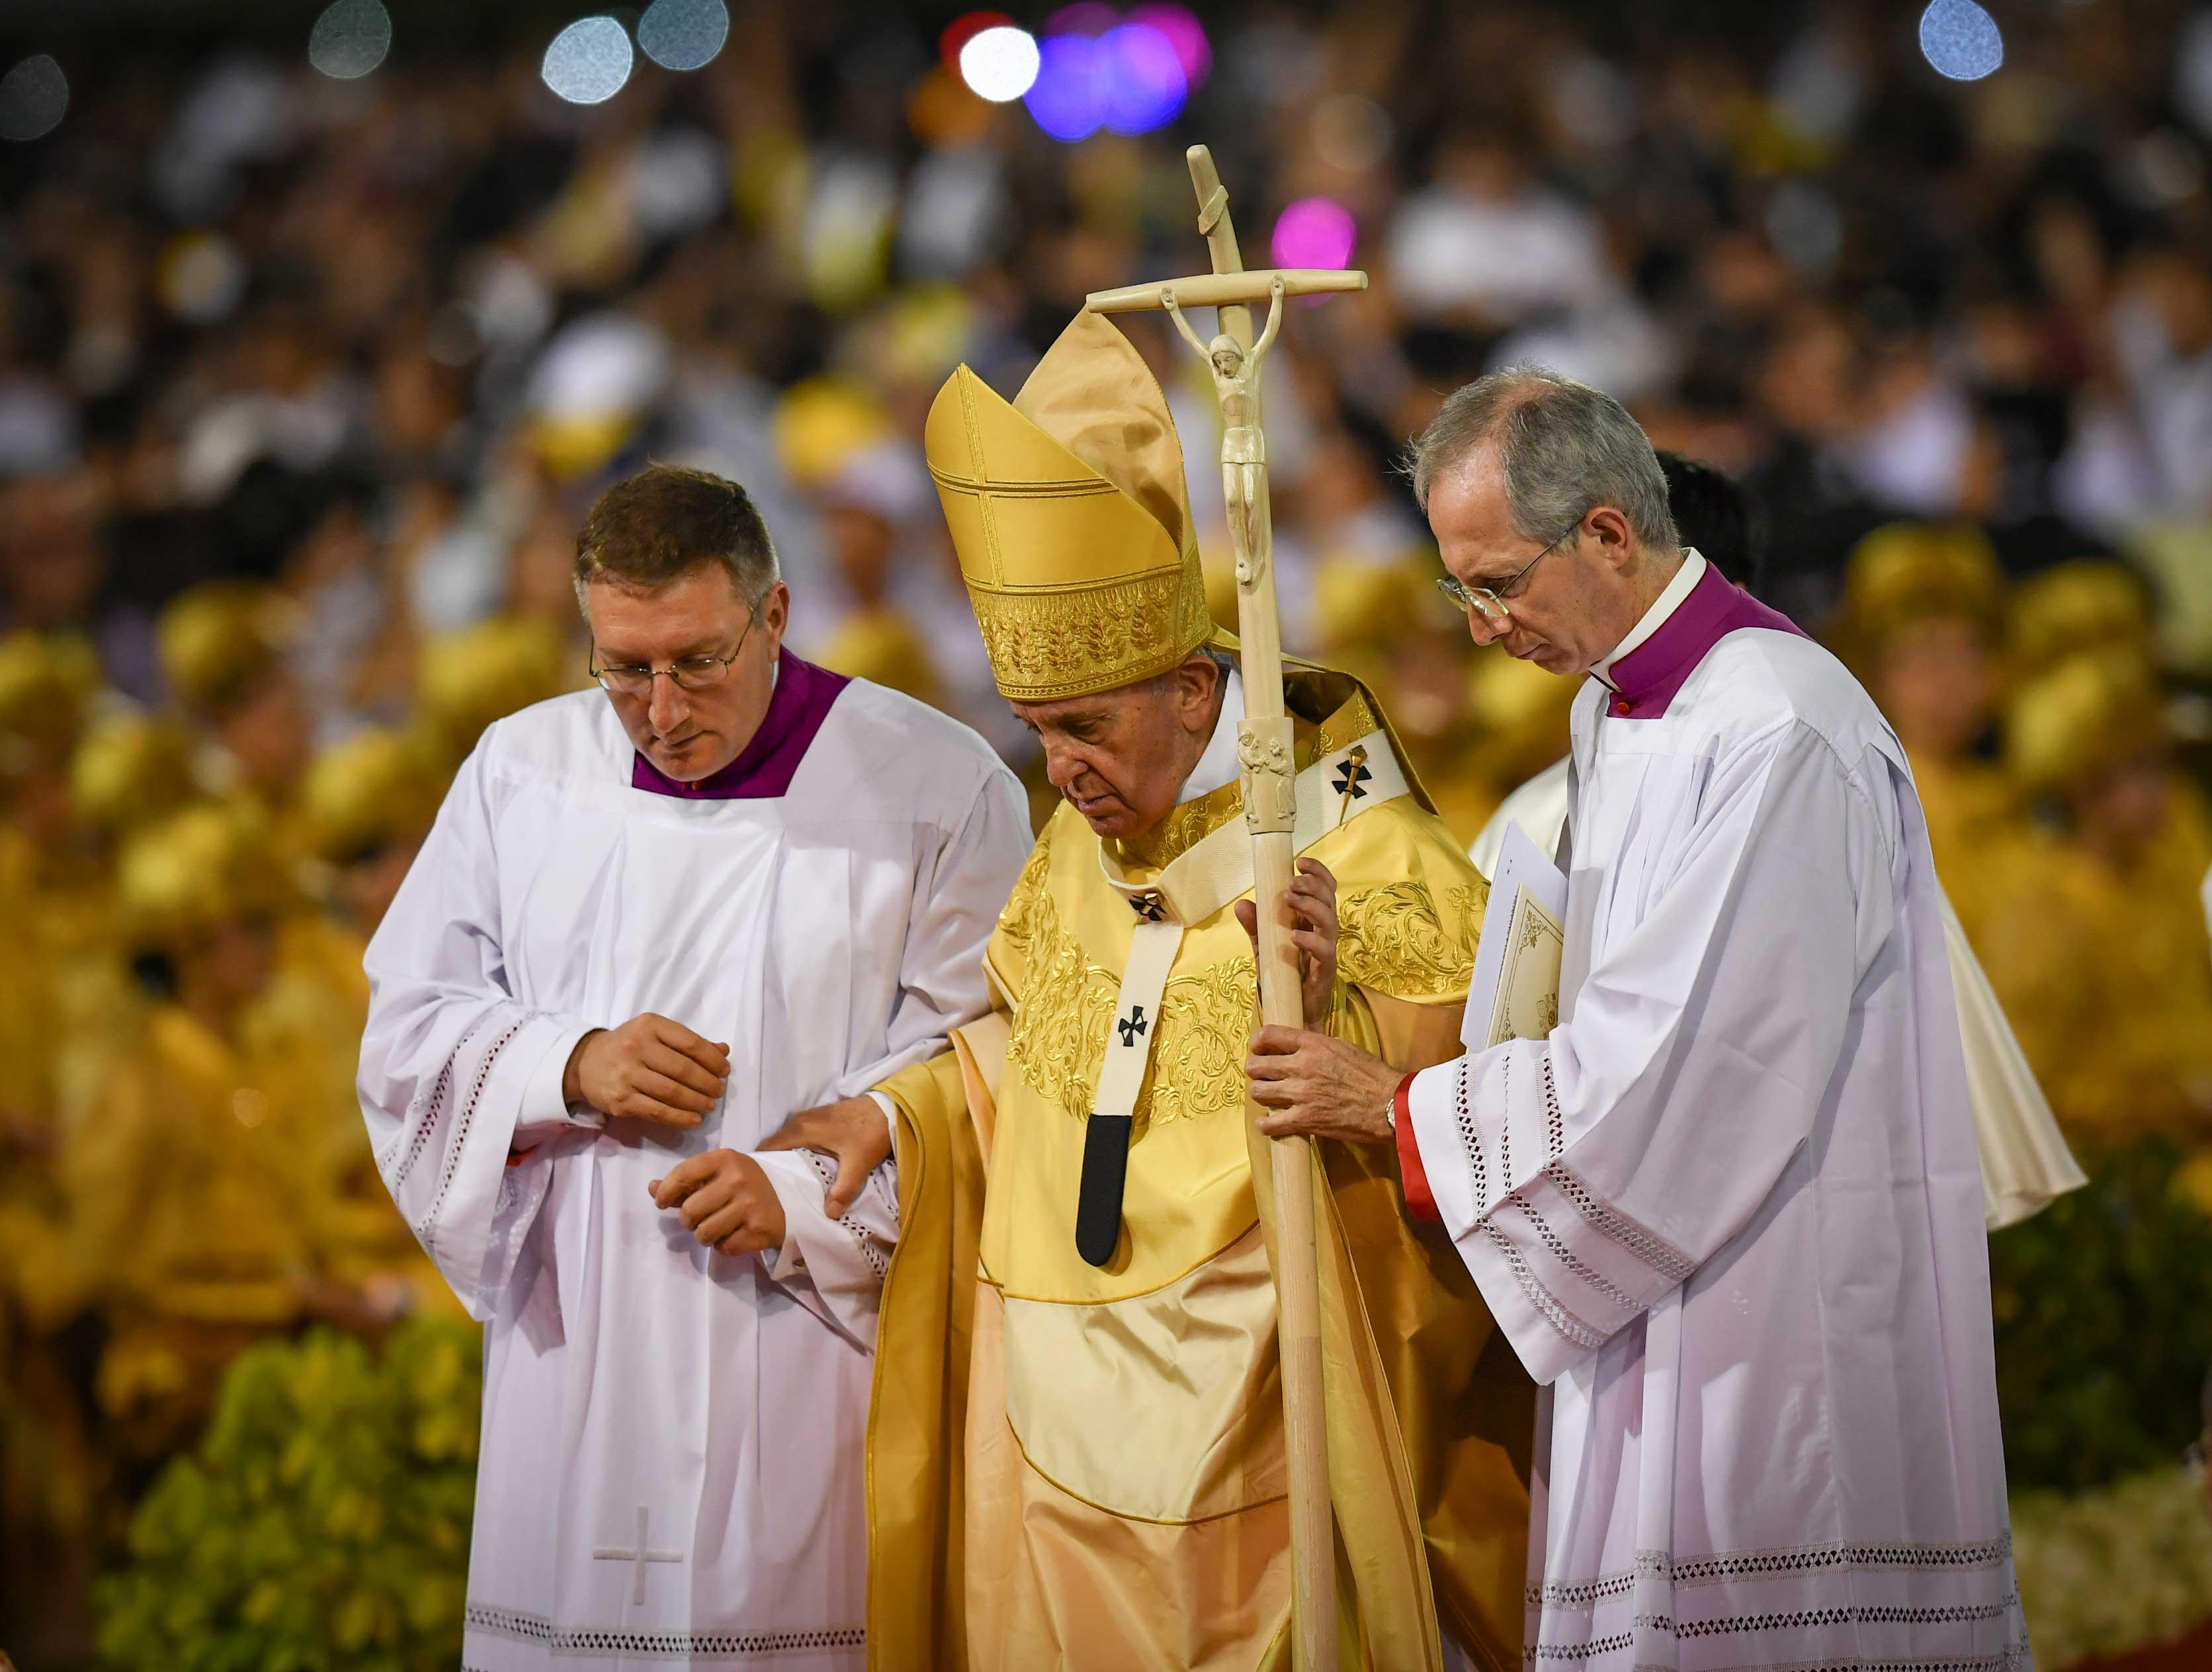 Francisco acompañado por obispos durante la misa. (AFP)